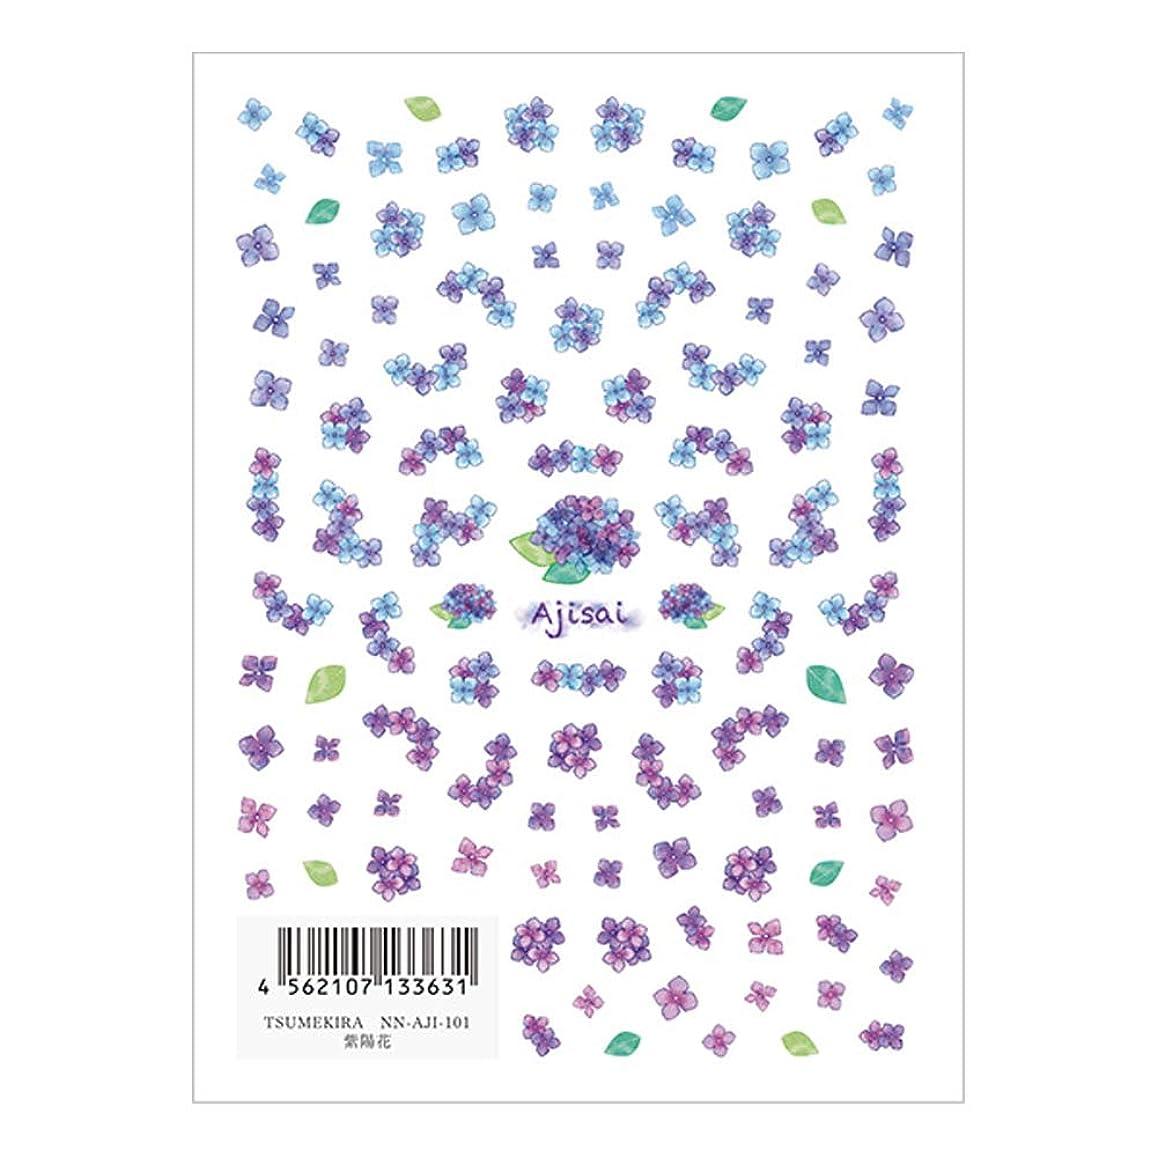 ビート病者押し下げるツメキラ ネイル用シール フラワーフォト 紫陽花 ブルー?パープル